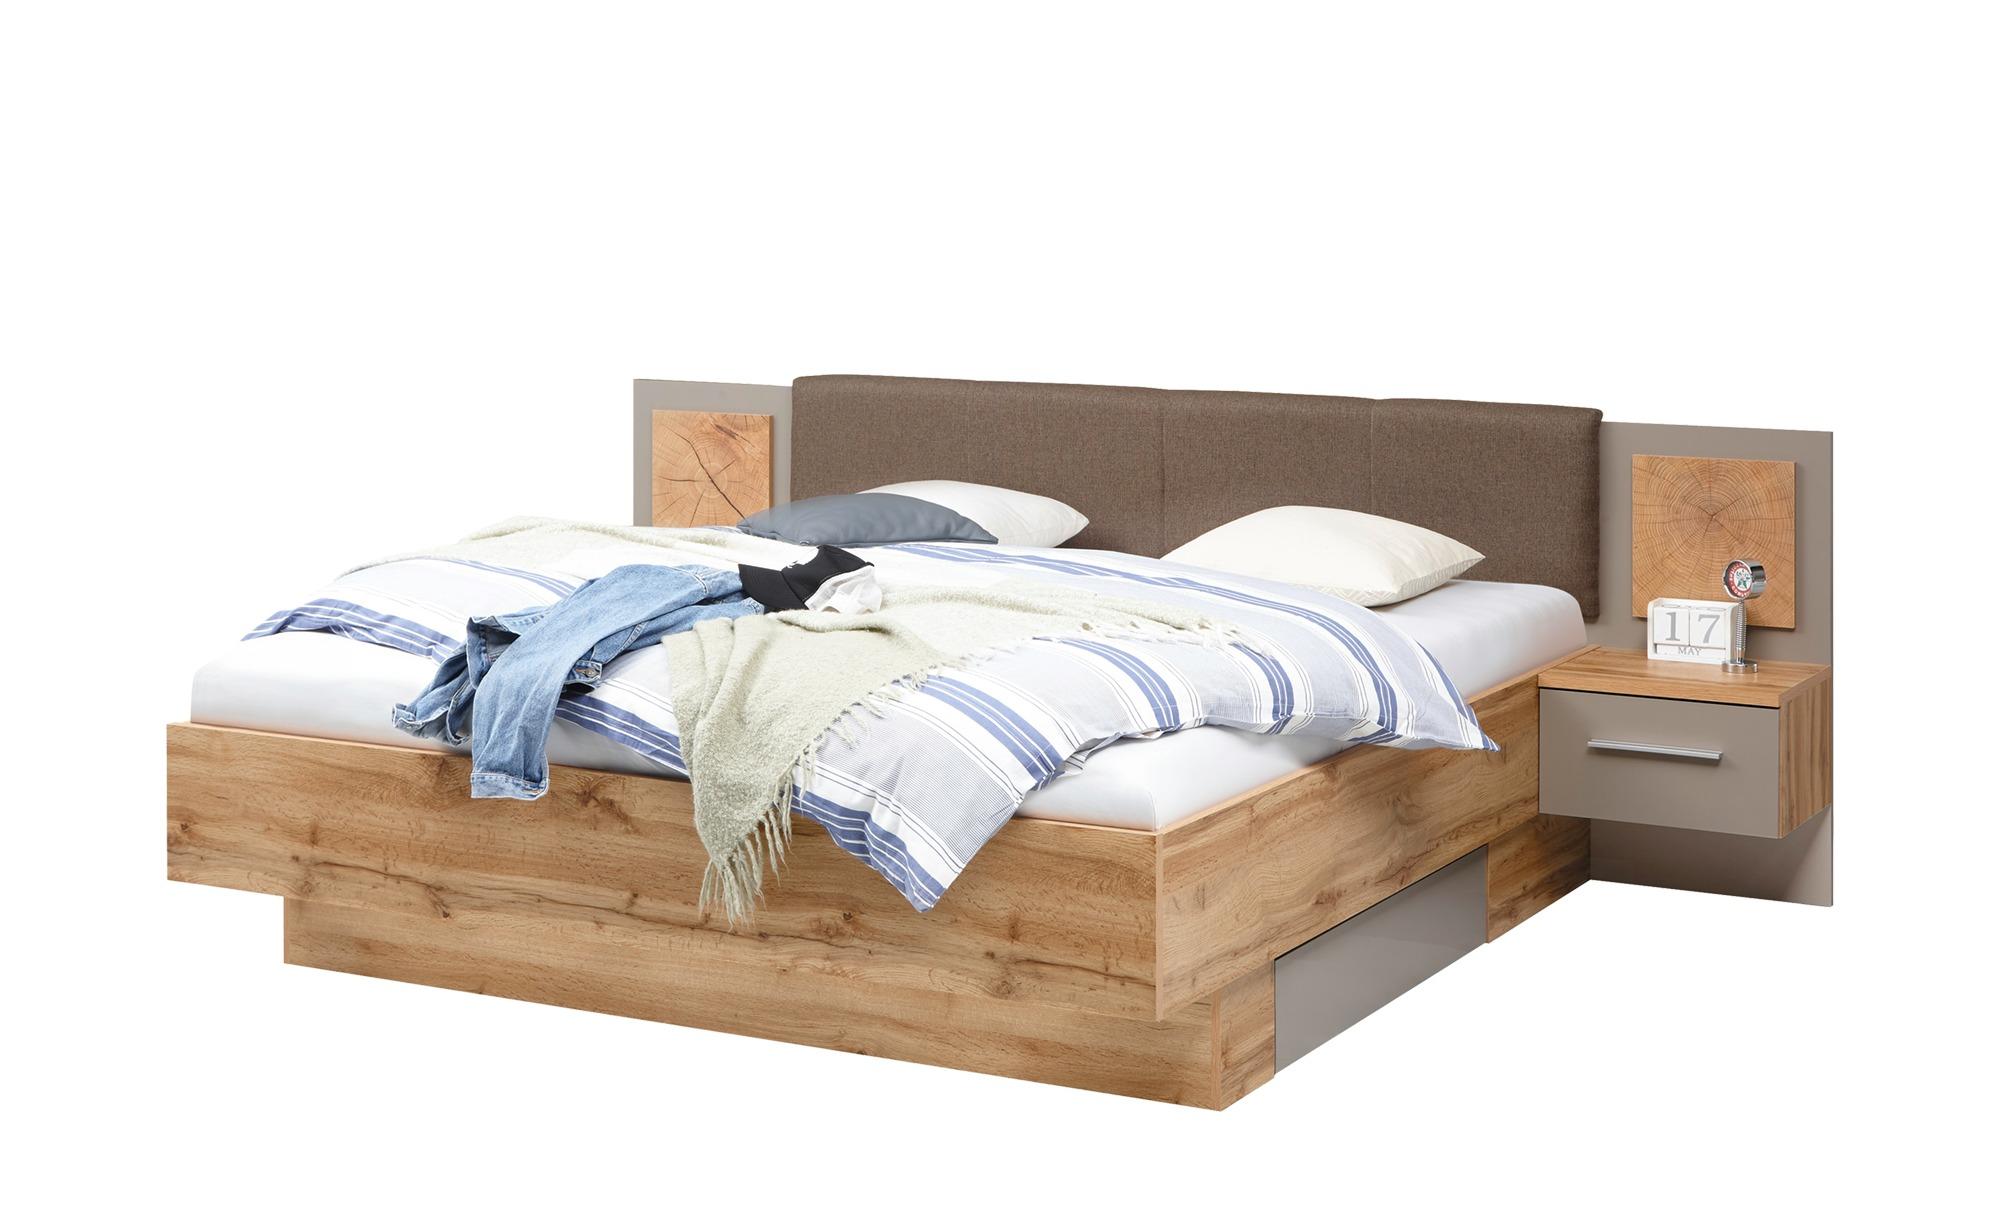 Uno Schlafzimmer 4 Teilig Mit Bettkasten Campus Bett Schlafzimmer Ideen Und Komplettes Schlafzimmer